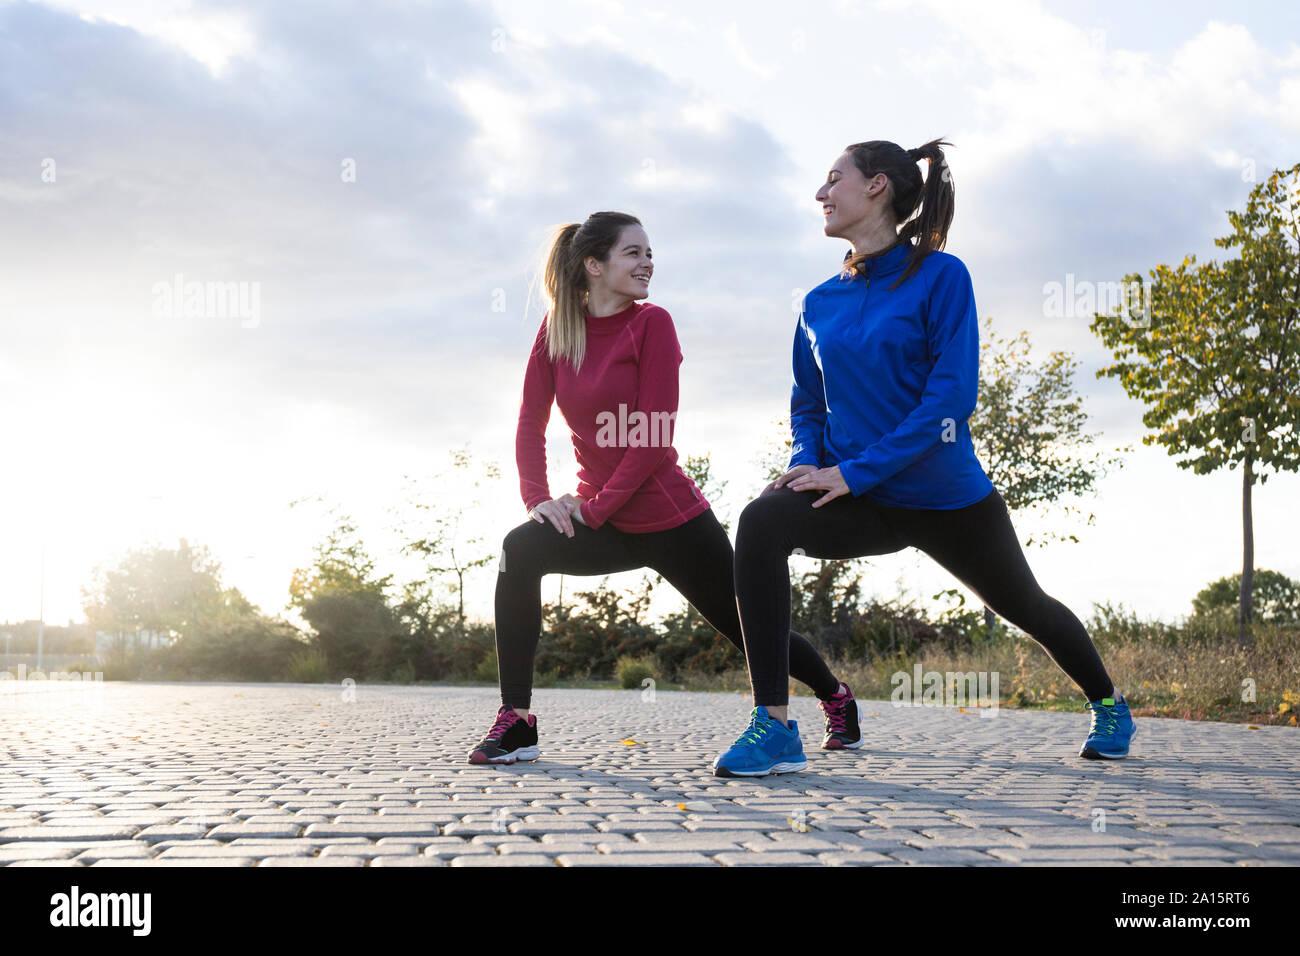 Les femmes s'étend ses jambes dans le parc Banque D'Images